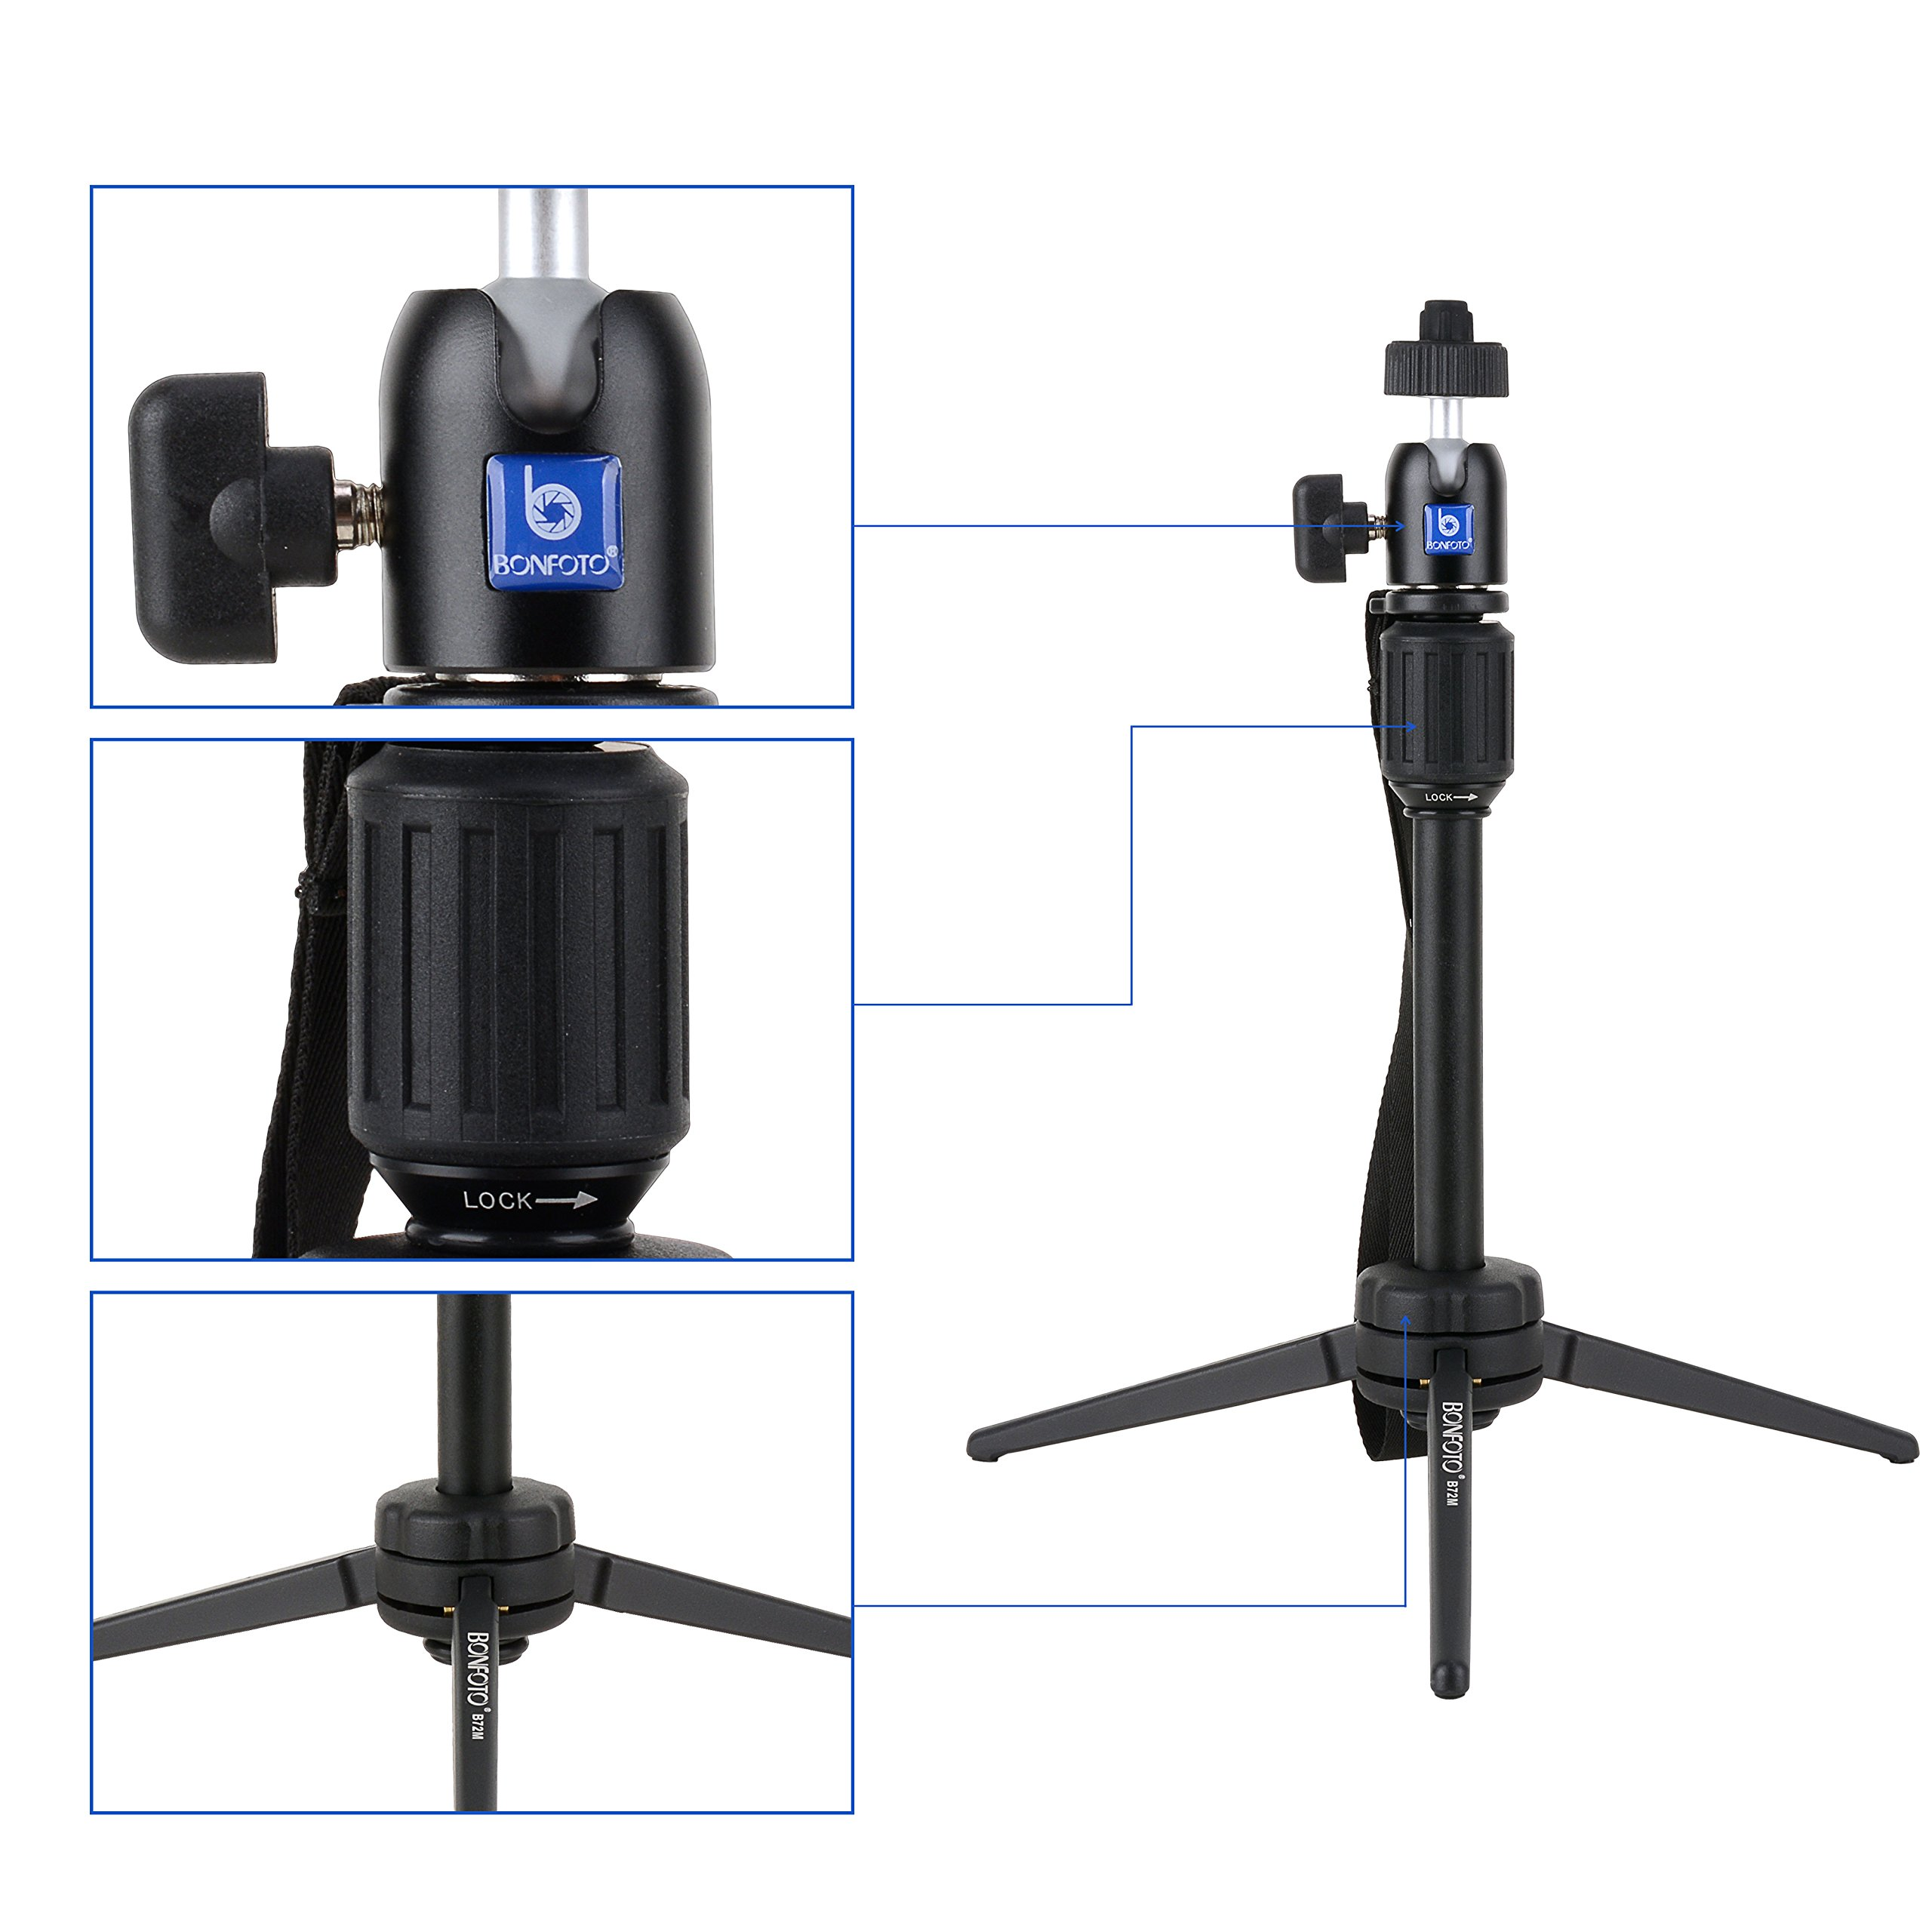 BONFOTO Handy Ministativ Kamera Monopod Aluminium Tragbare Standhalter mit Kugelkopf und Handy-clip für DSLR Kameras